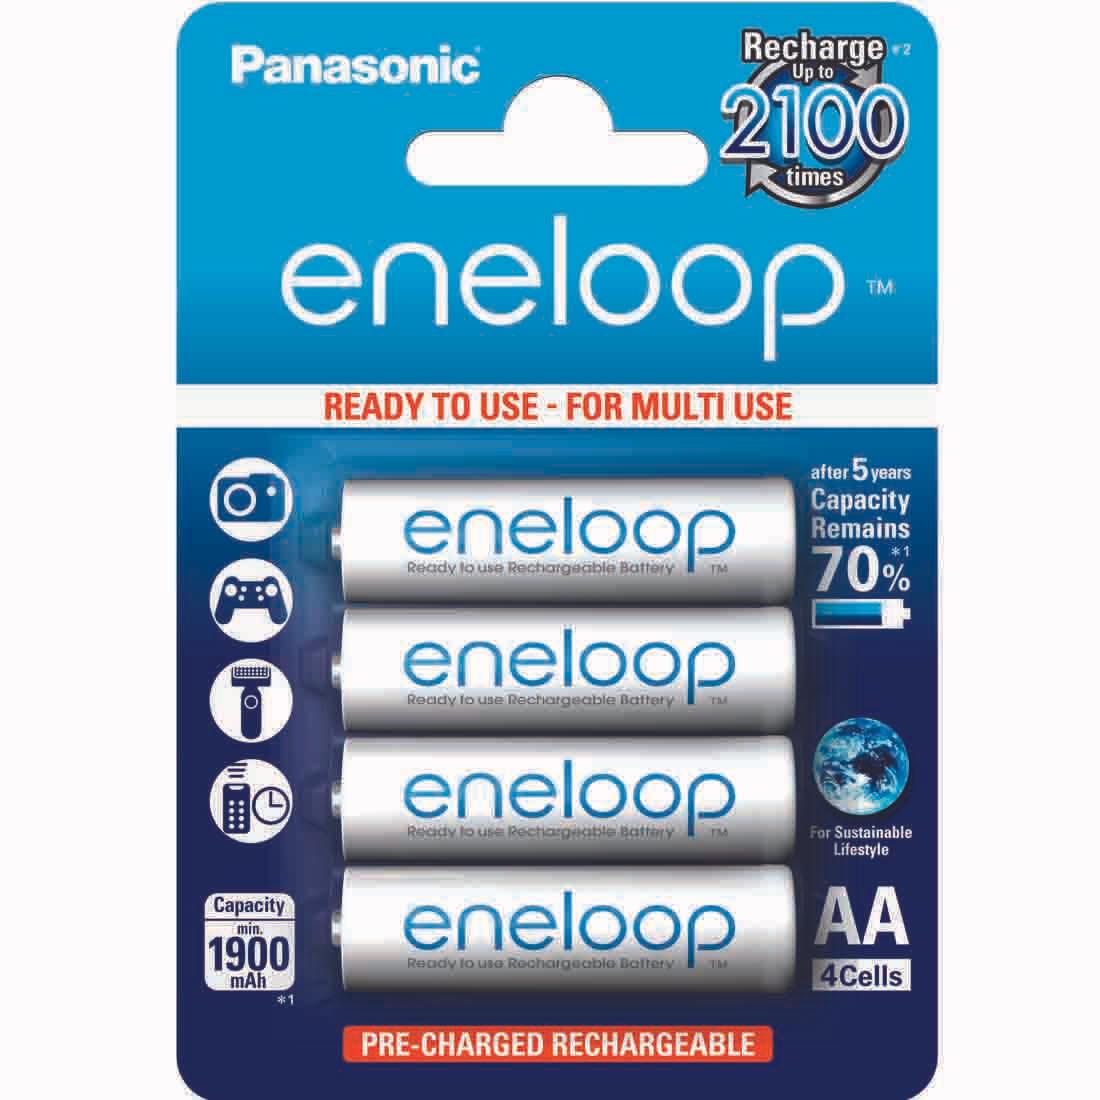 1,33€/Stück: 48 Stück AA Panasonic Eneloop (Mignon) 2000mAh Ready2Use Akkus mit geringer Selbstentladung - aktuellstes Modell [rakuten/masterpass]